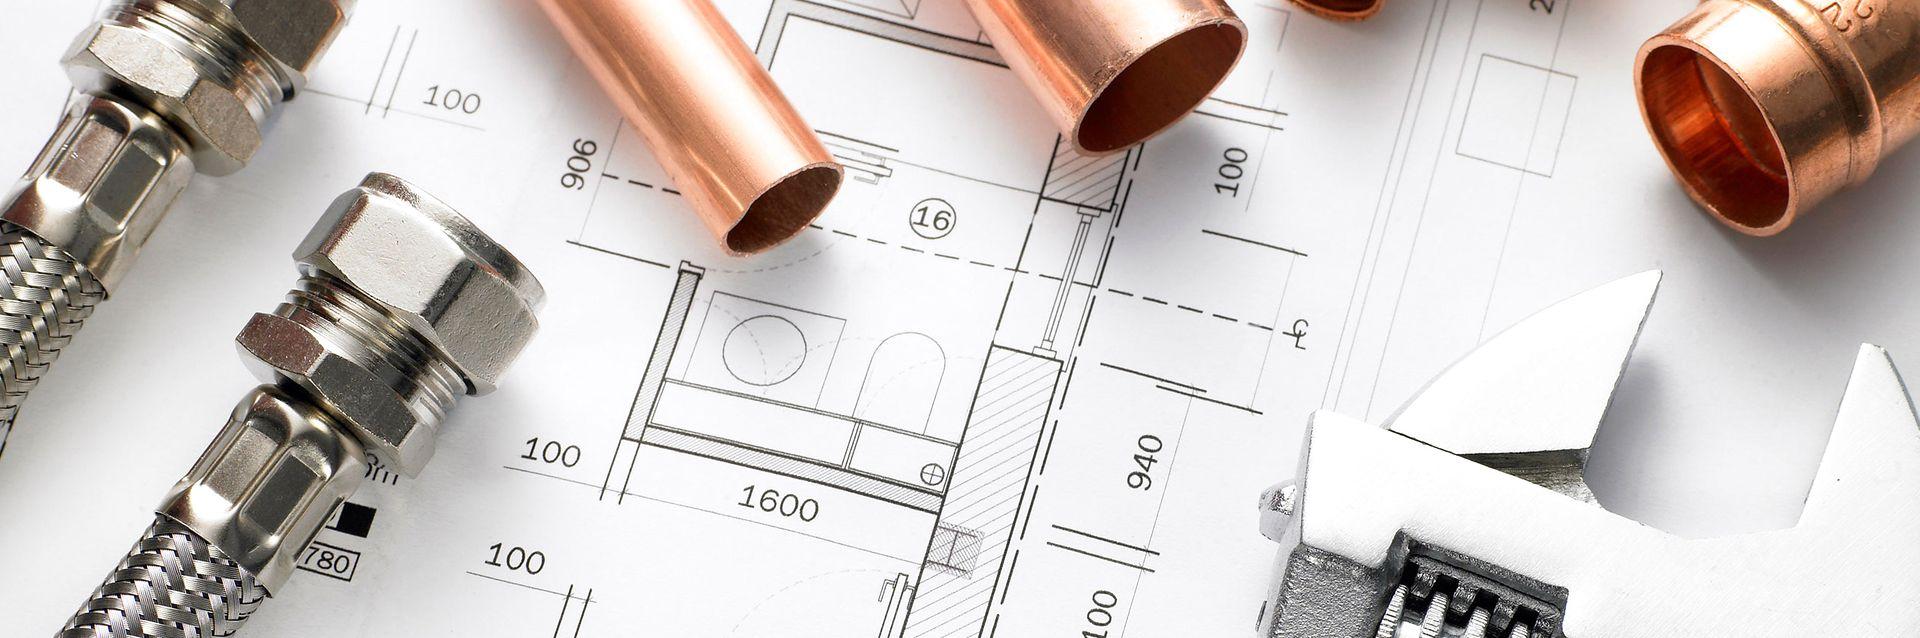 Allround installateur - Allround installateur